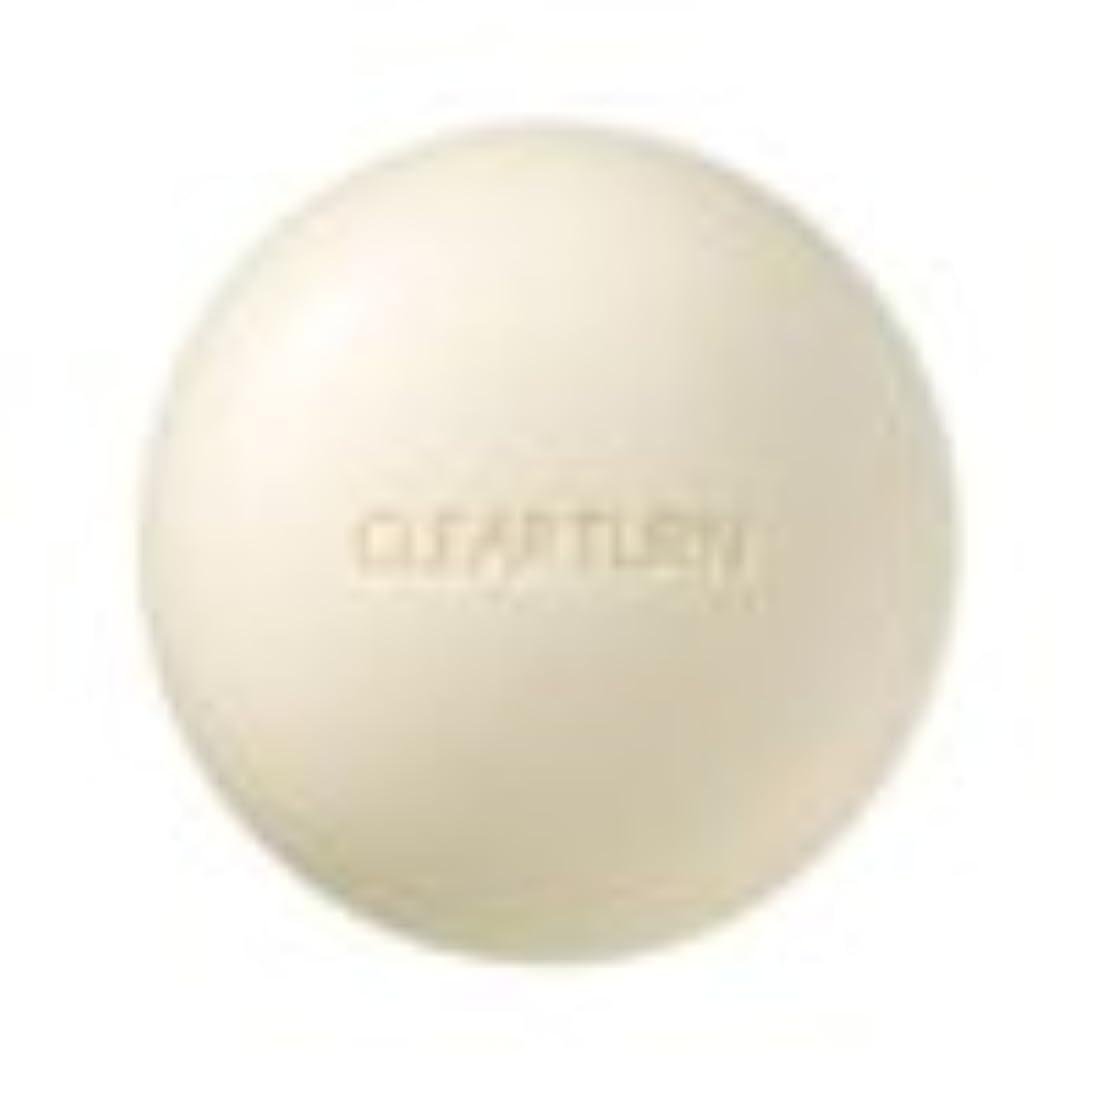 予感香りラッシュクリエ クリアターン EX クリアスムースソープ 100g 洗顔石鹸 無香料